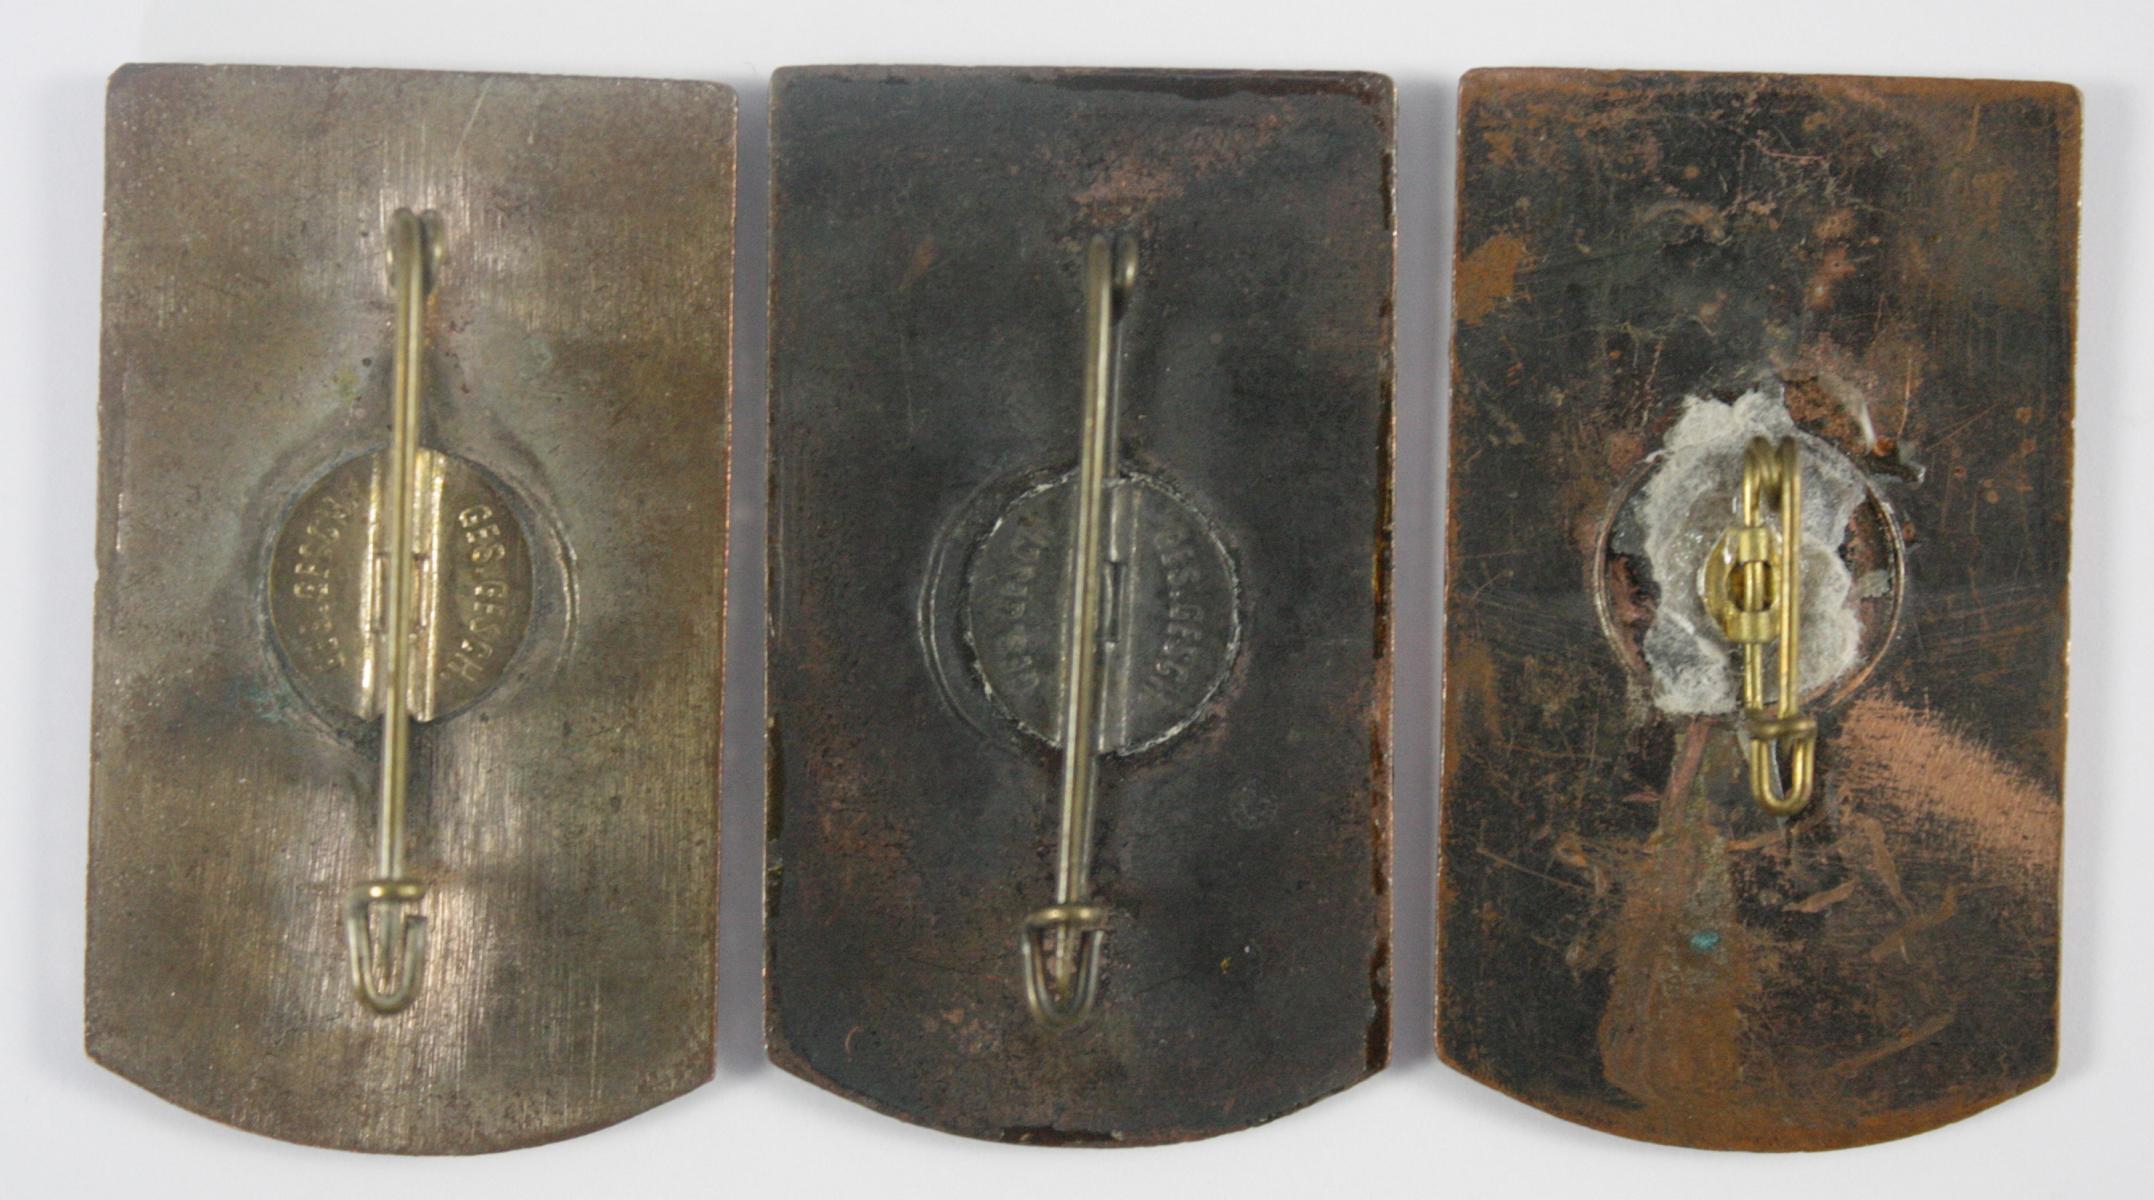 3x Treffenabzeichen: 1. Franken-Ostmark-Treffen der HJ 1933-2